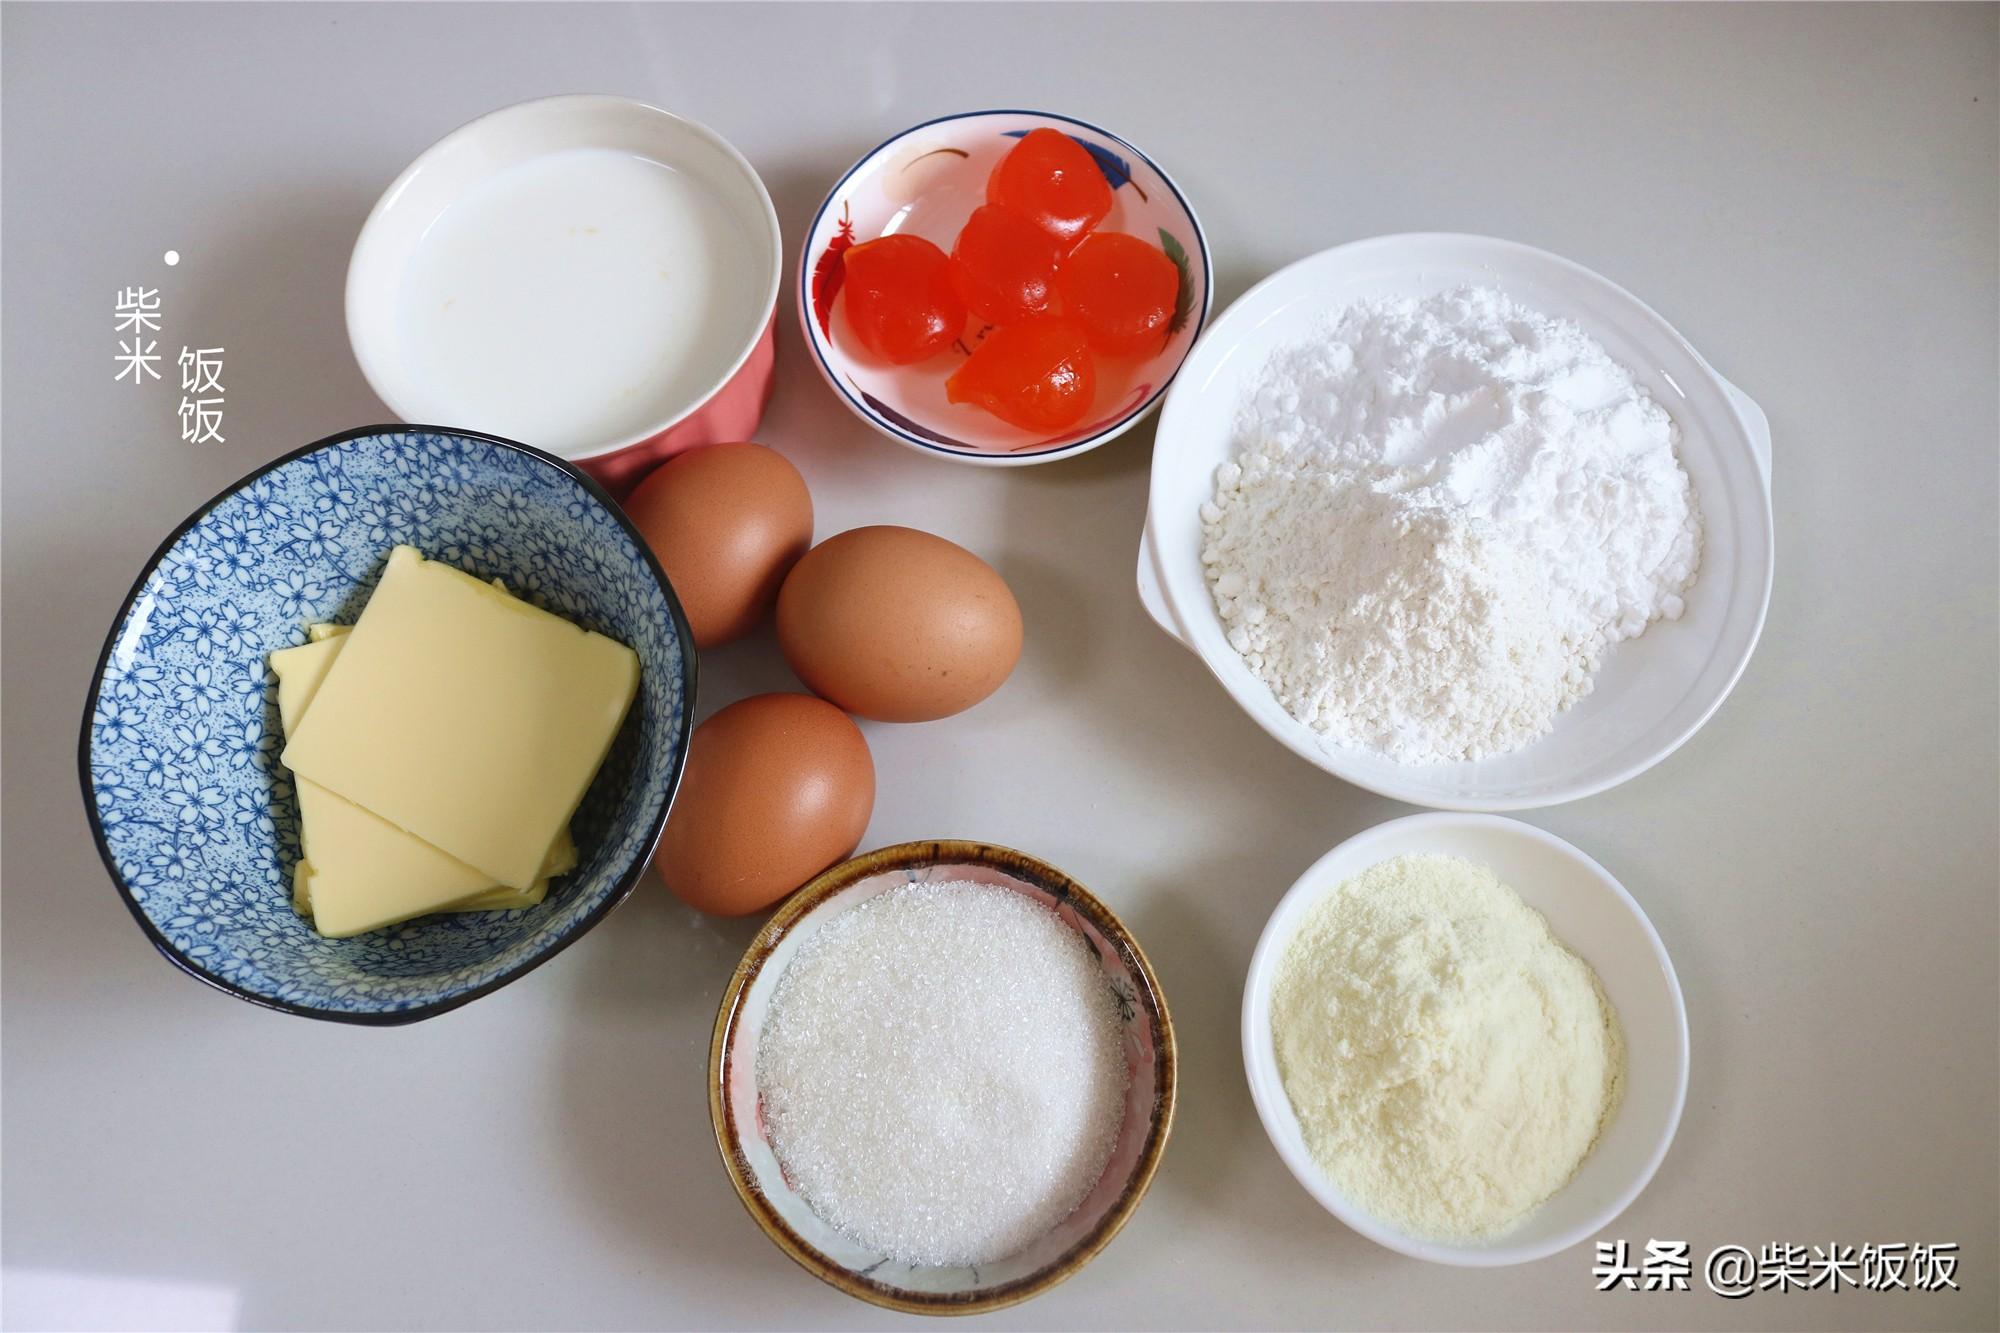 中秋节月饼,不用烤箱也能做,蒸一蒸,细腻滋润更好吃